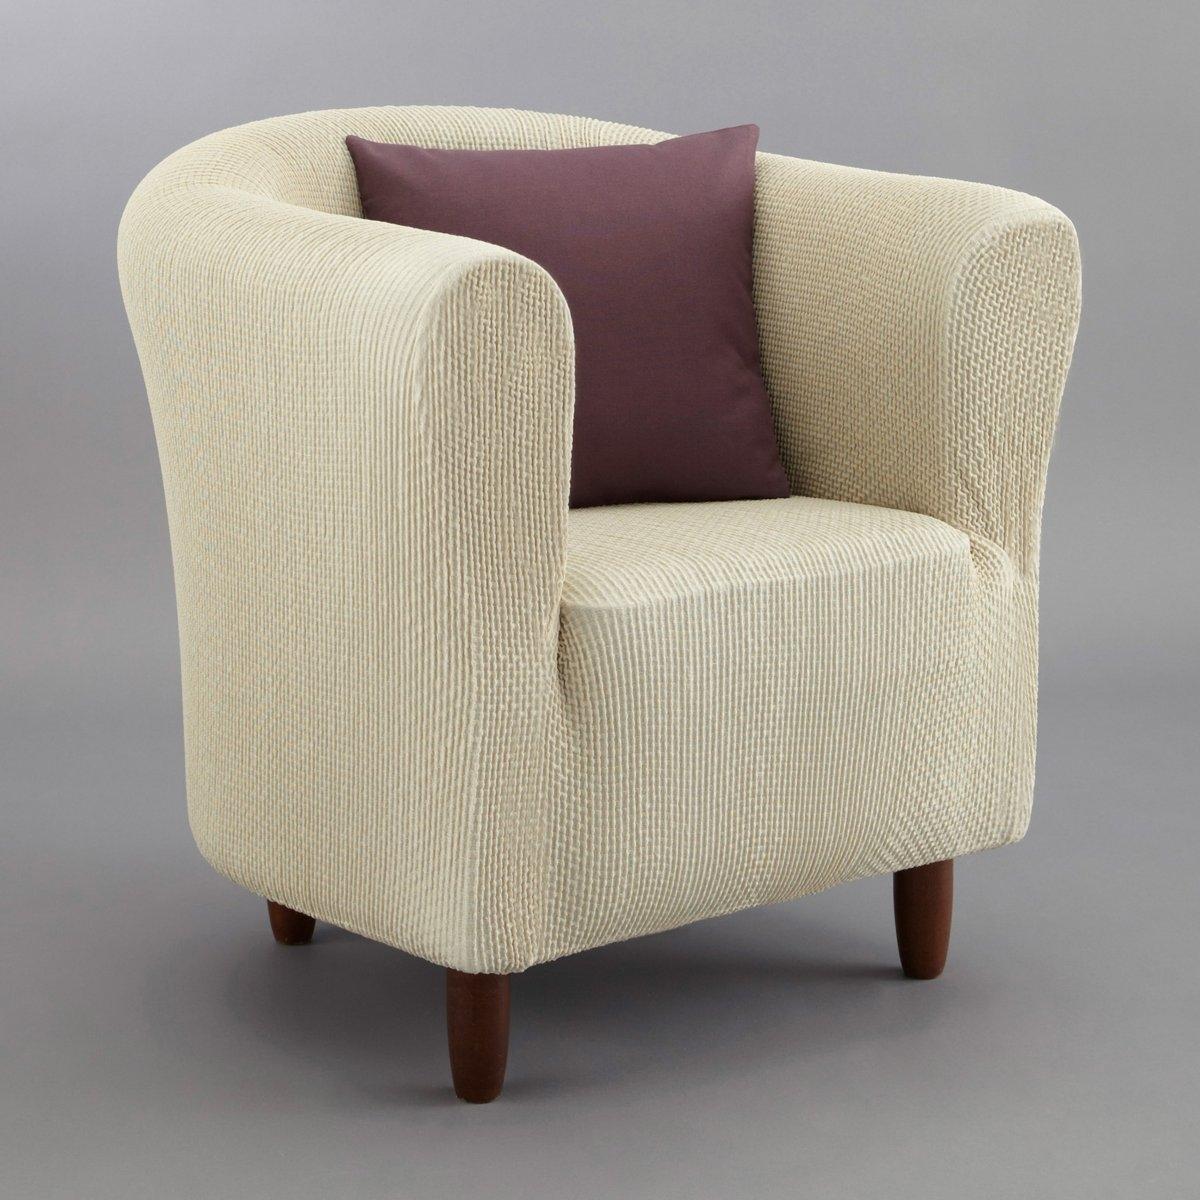 Чехол для креслаИз эластичной гофрированной ткани, 55% хлопка, 40% полиэстера, 5% эластана. Стирка при 30°. Эластичный низ.<br><br>Цвет: антрацит,серо-бежевый,серо-коричневый каштан,экрю<br>Размер: единый размер